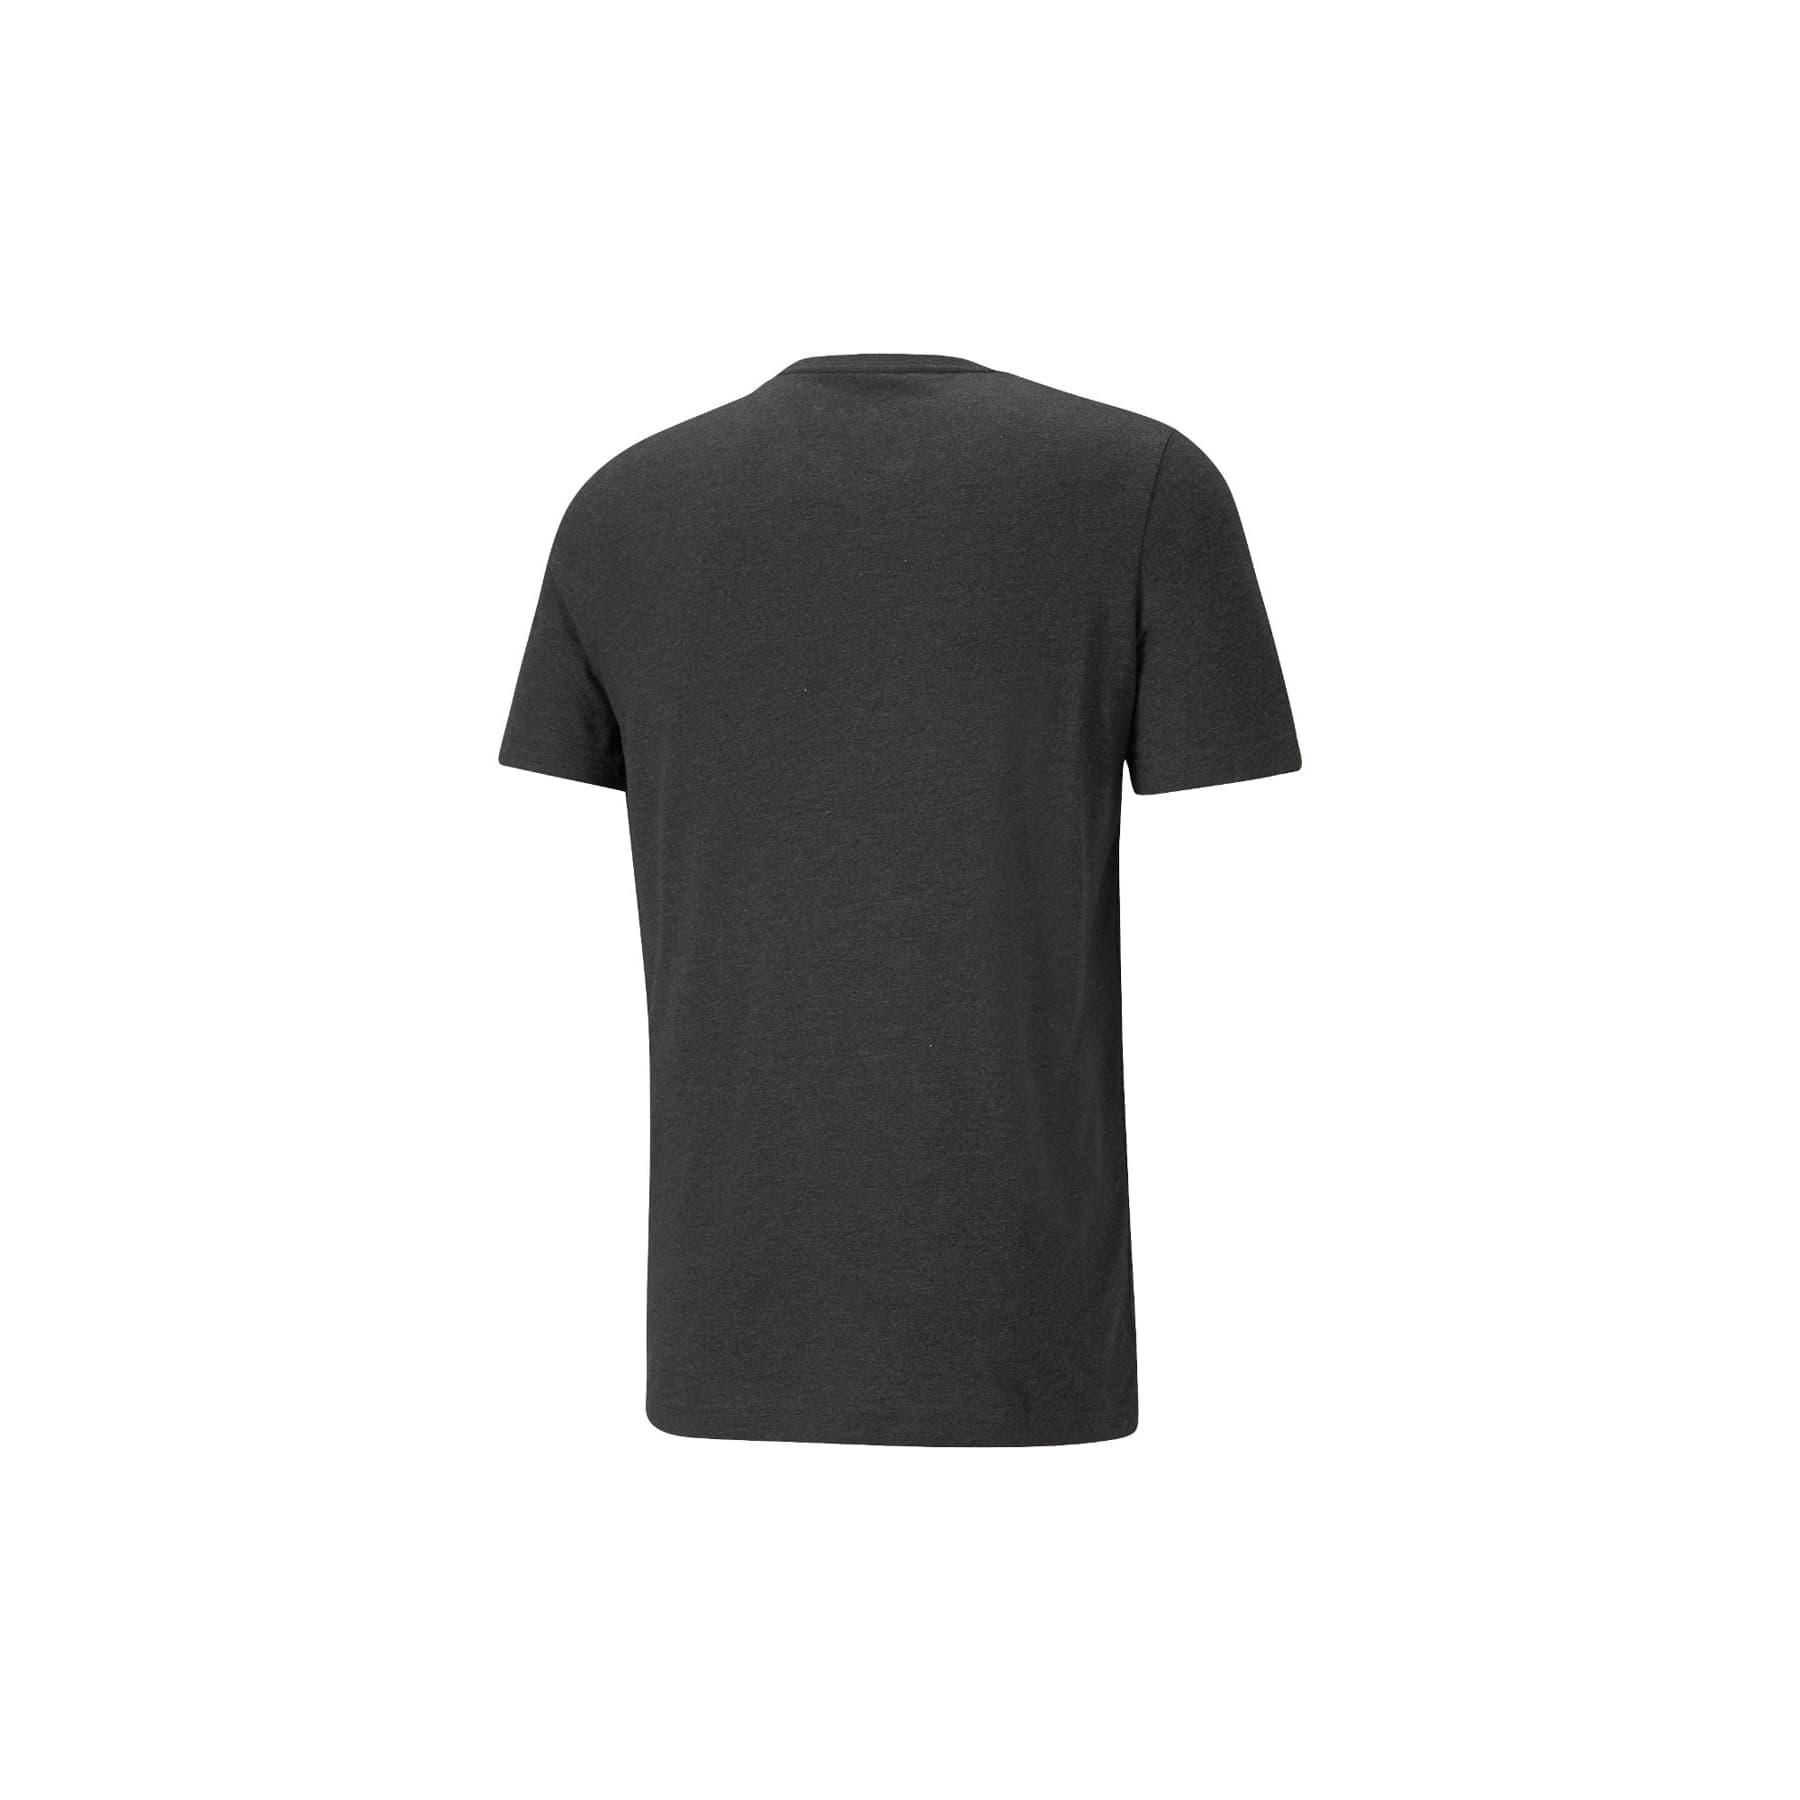 Essentials Short-Sleeve Erkek Siyah Tişört (586736-07)